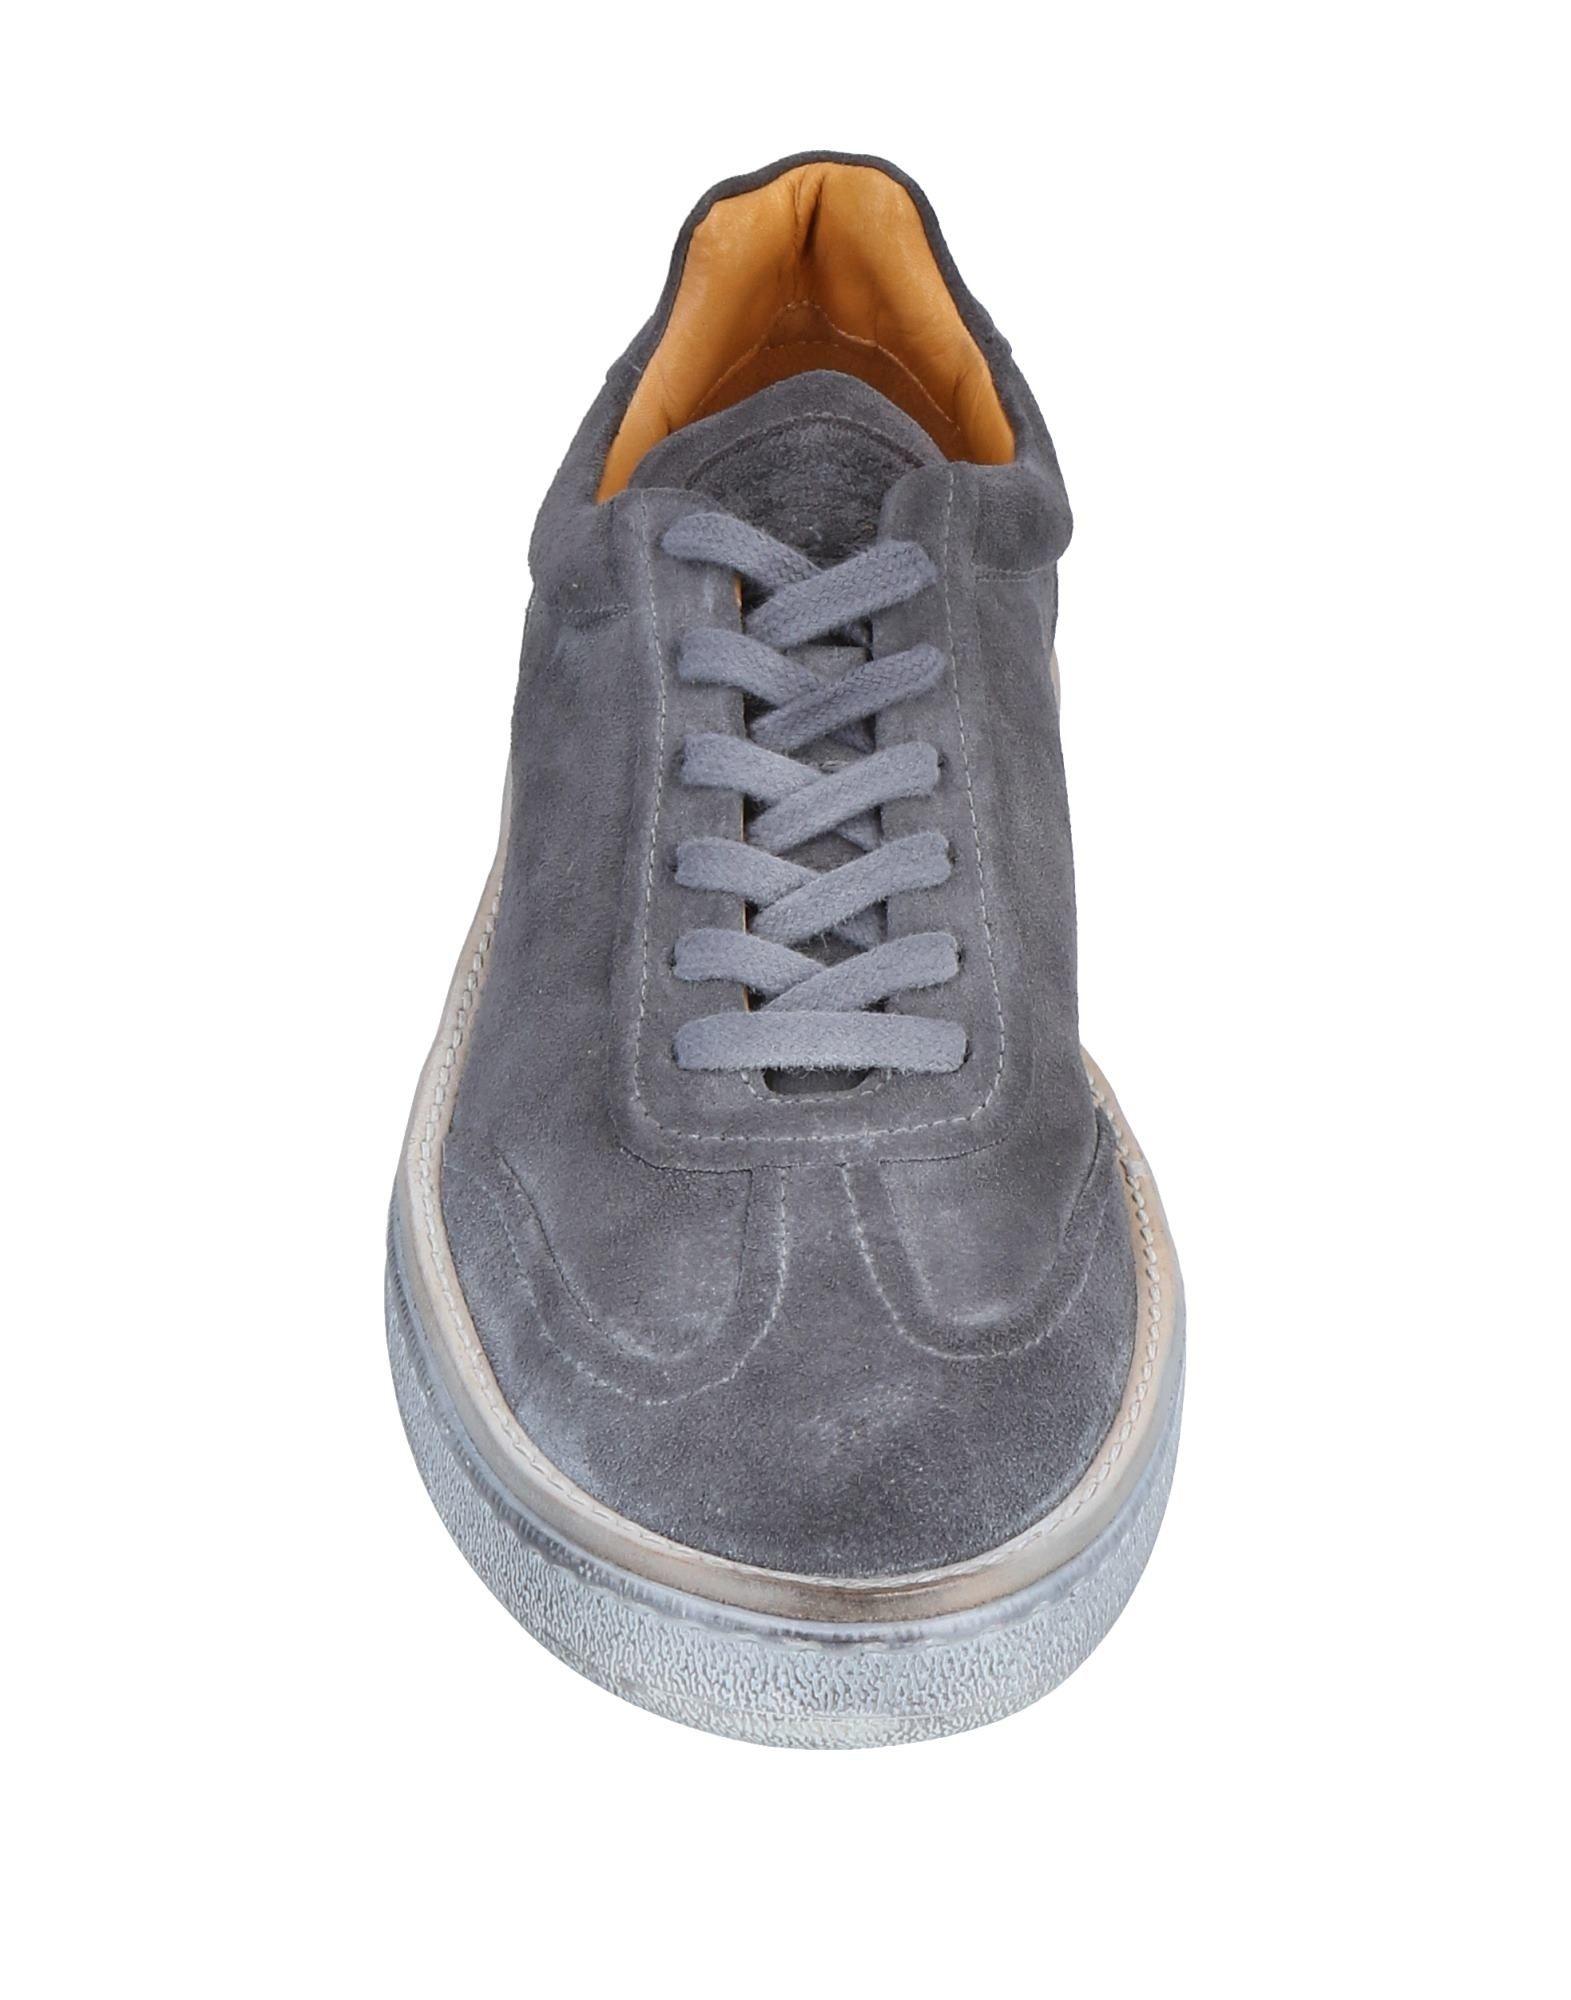 c9aaff96ceca ... Pantofola D oro Sneakers - Men Pantofola D oro Sneakers online on on on